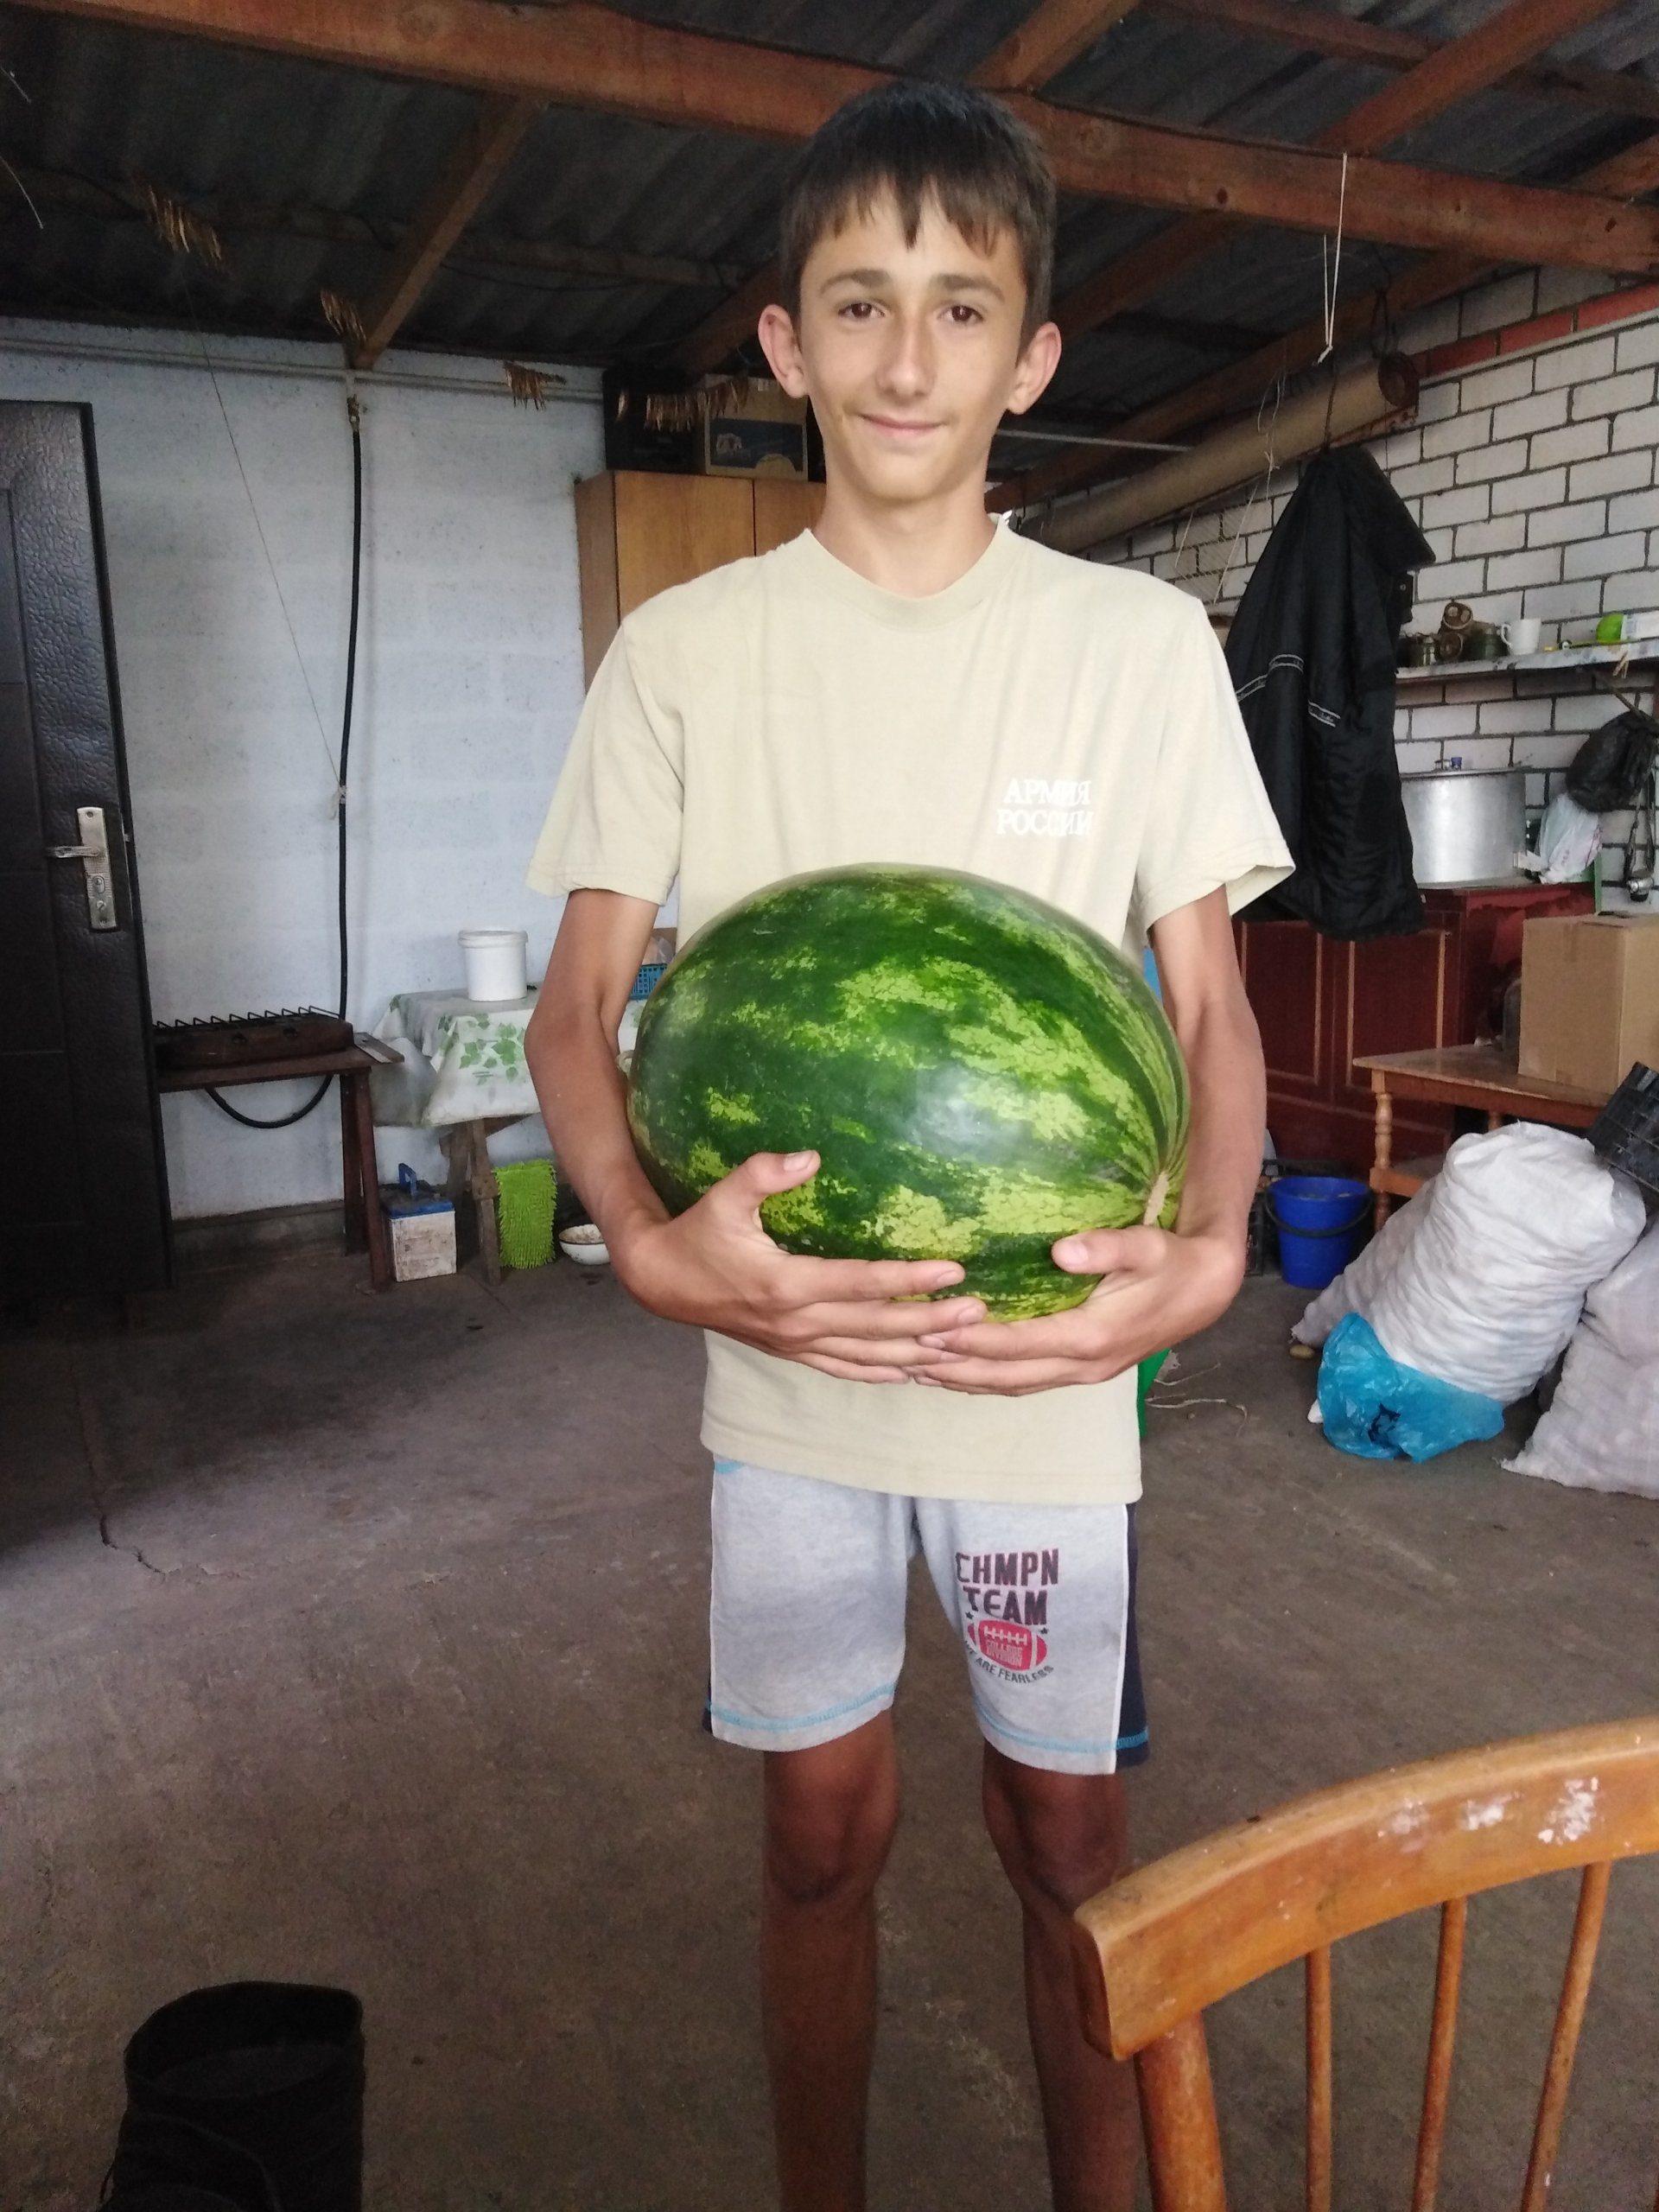 Сын держит арбуз